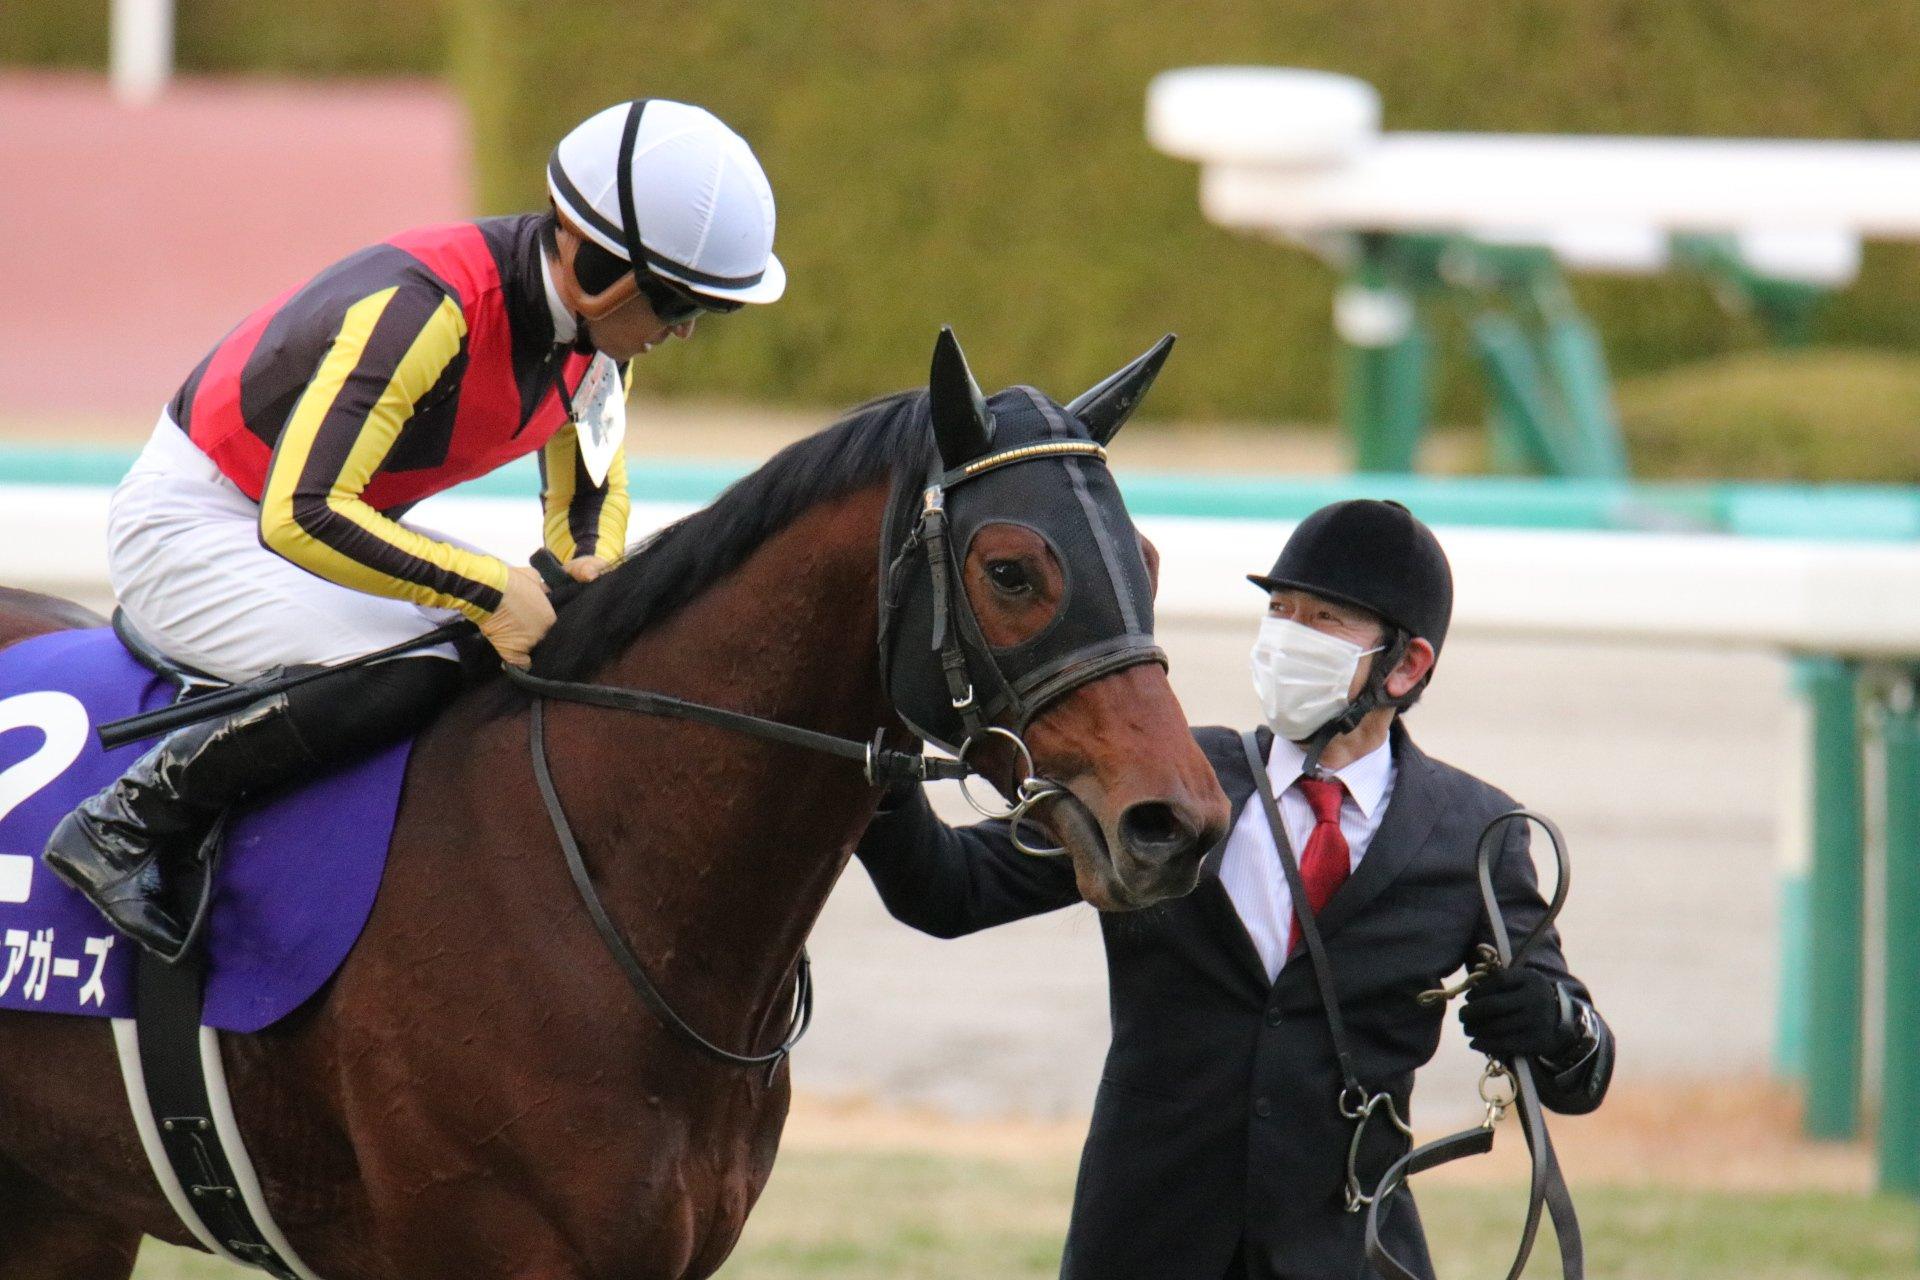 [重賞回顧]2歳牡馬のマイル王決定戦〜2020年・朝日杯フューチュリティステークス〜